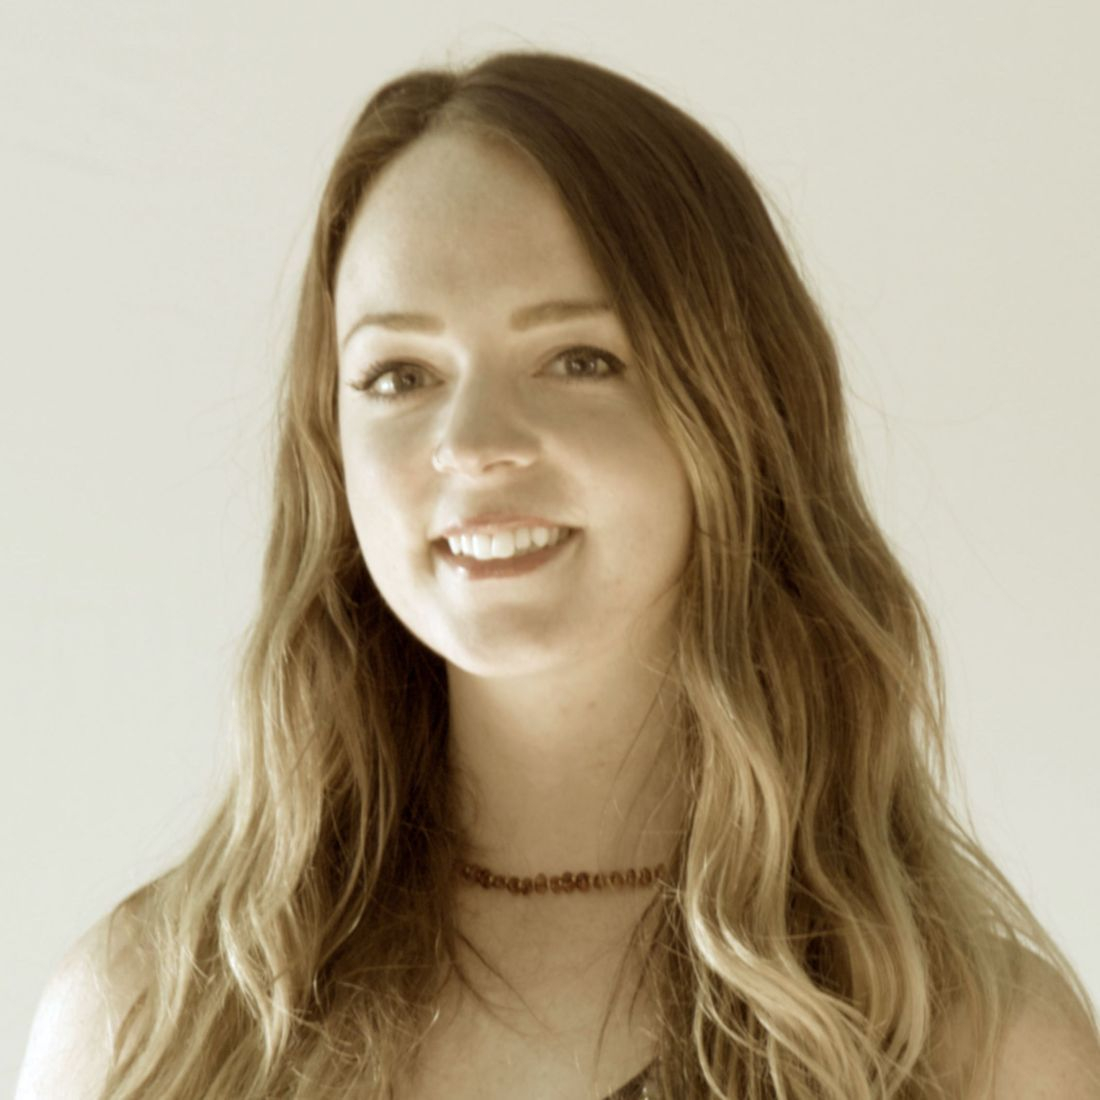 Marie-Claude Fraser Yoga Instructor at Namaste Studio and owner of Lumira Yoga